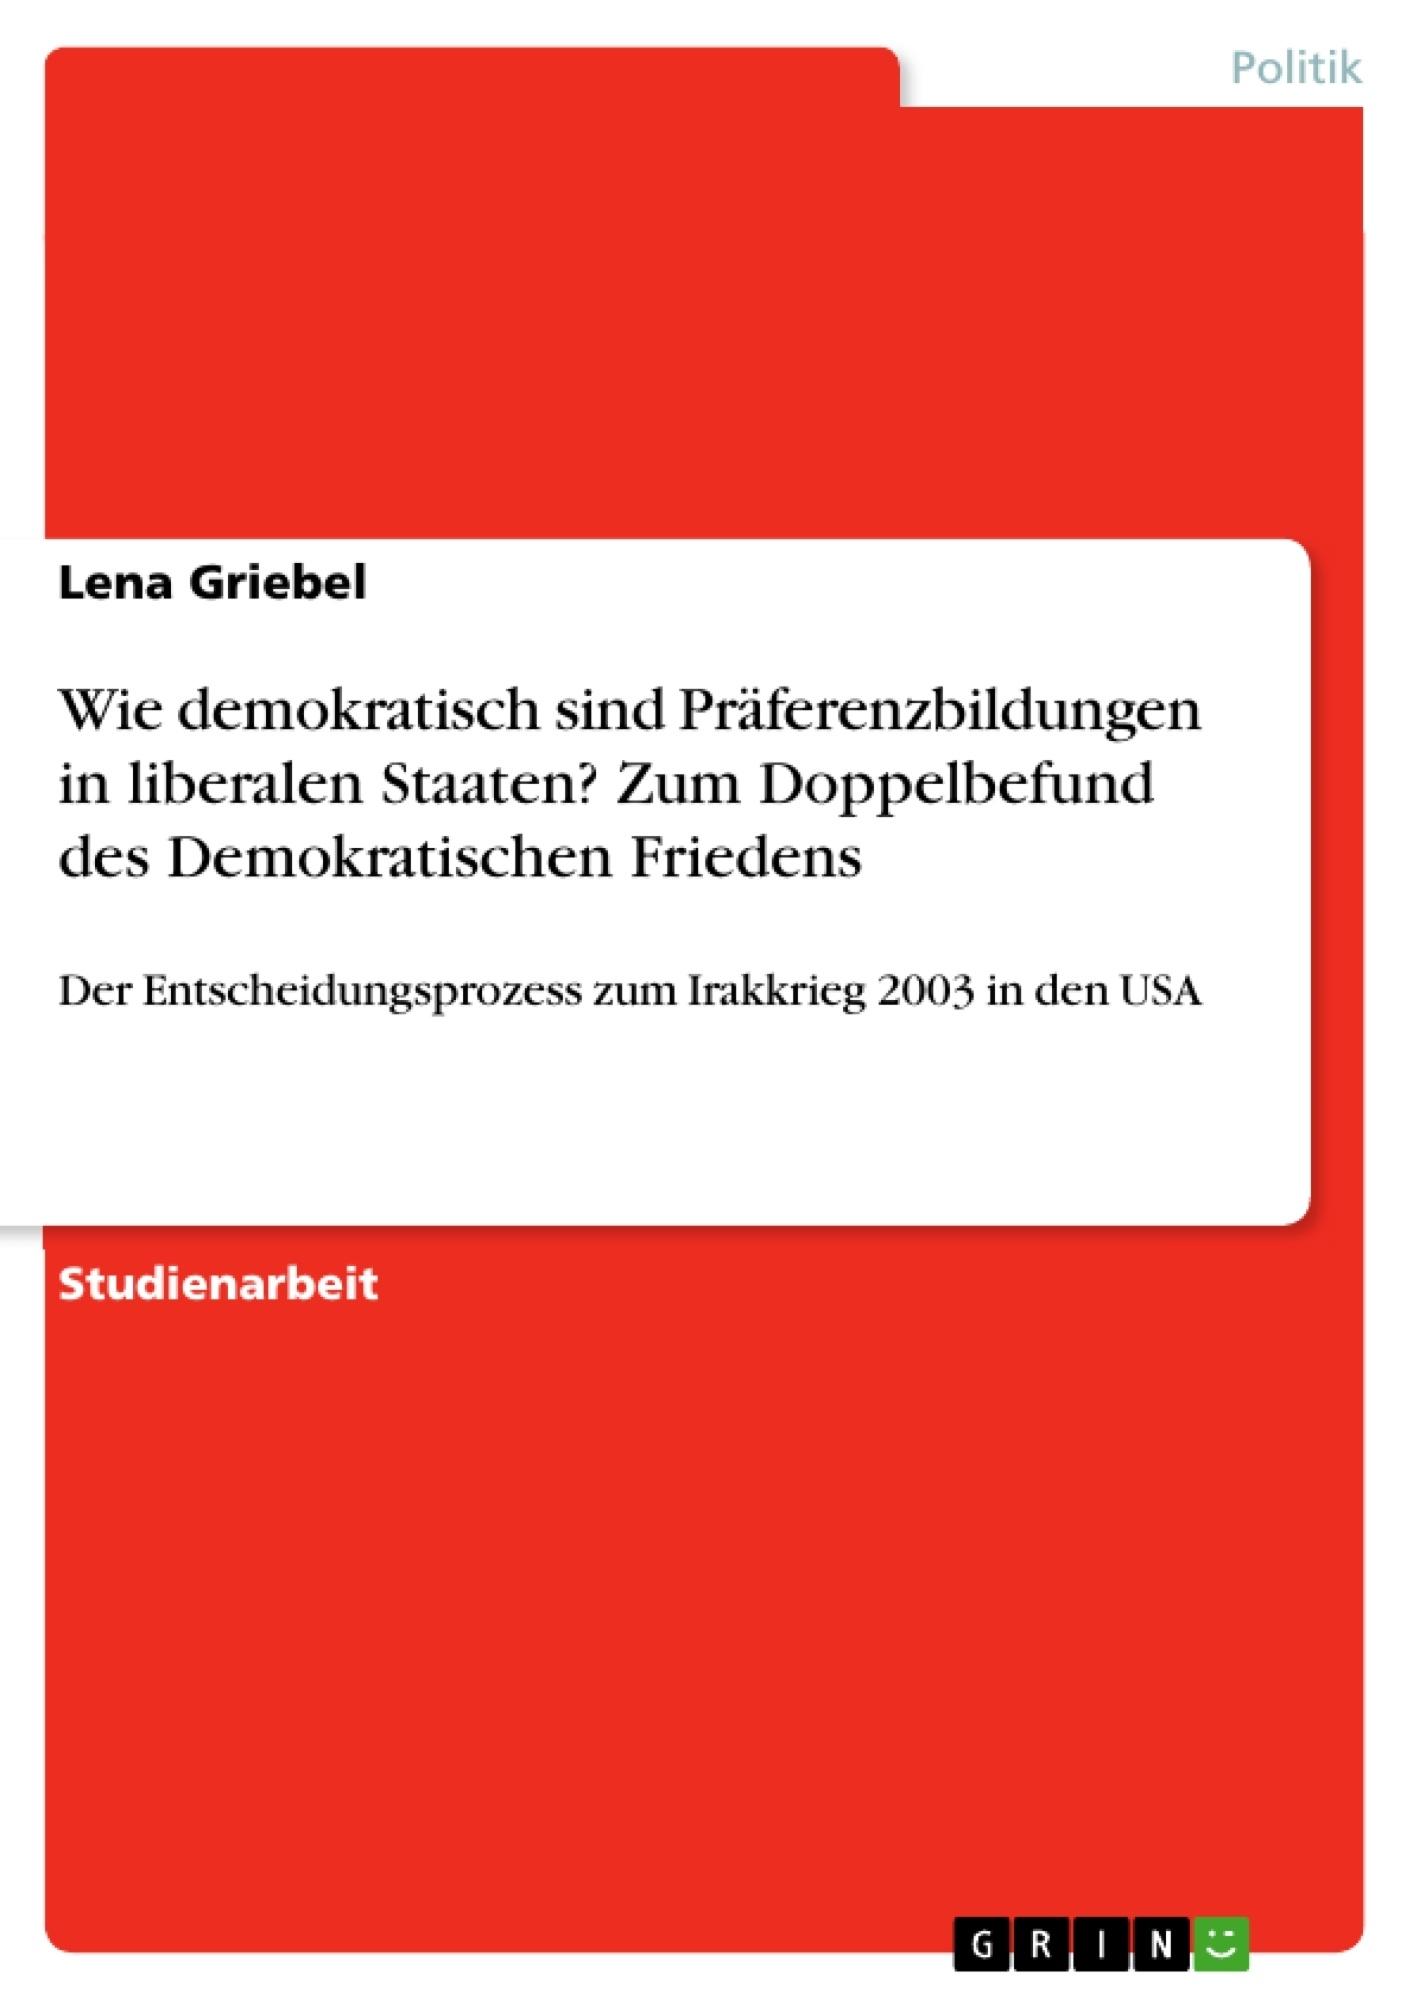 Titel: Wie demokratisch sind Präferenzbildungen in liberalen Staaten? Zum Doppelbefund des Demokratischen Friedens